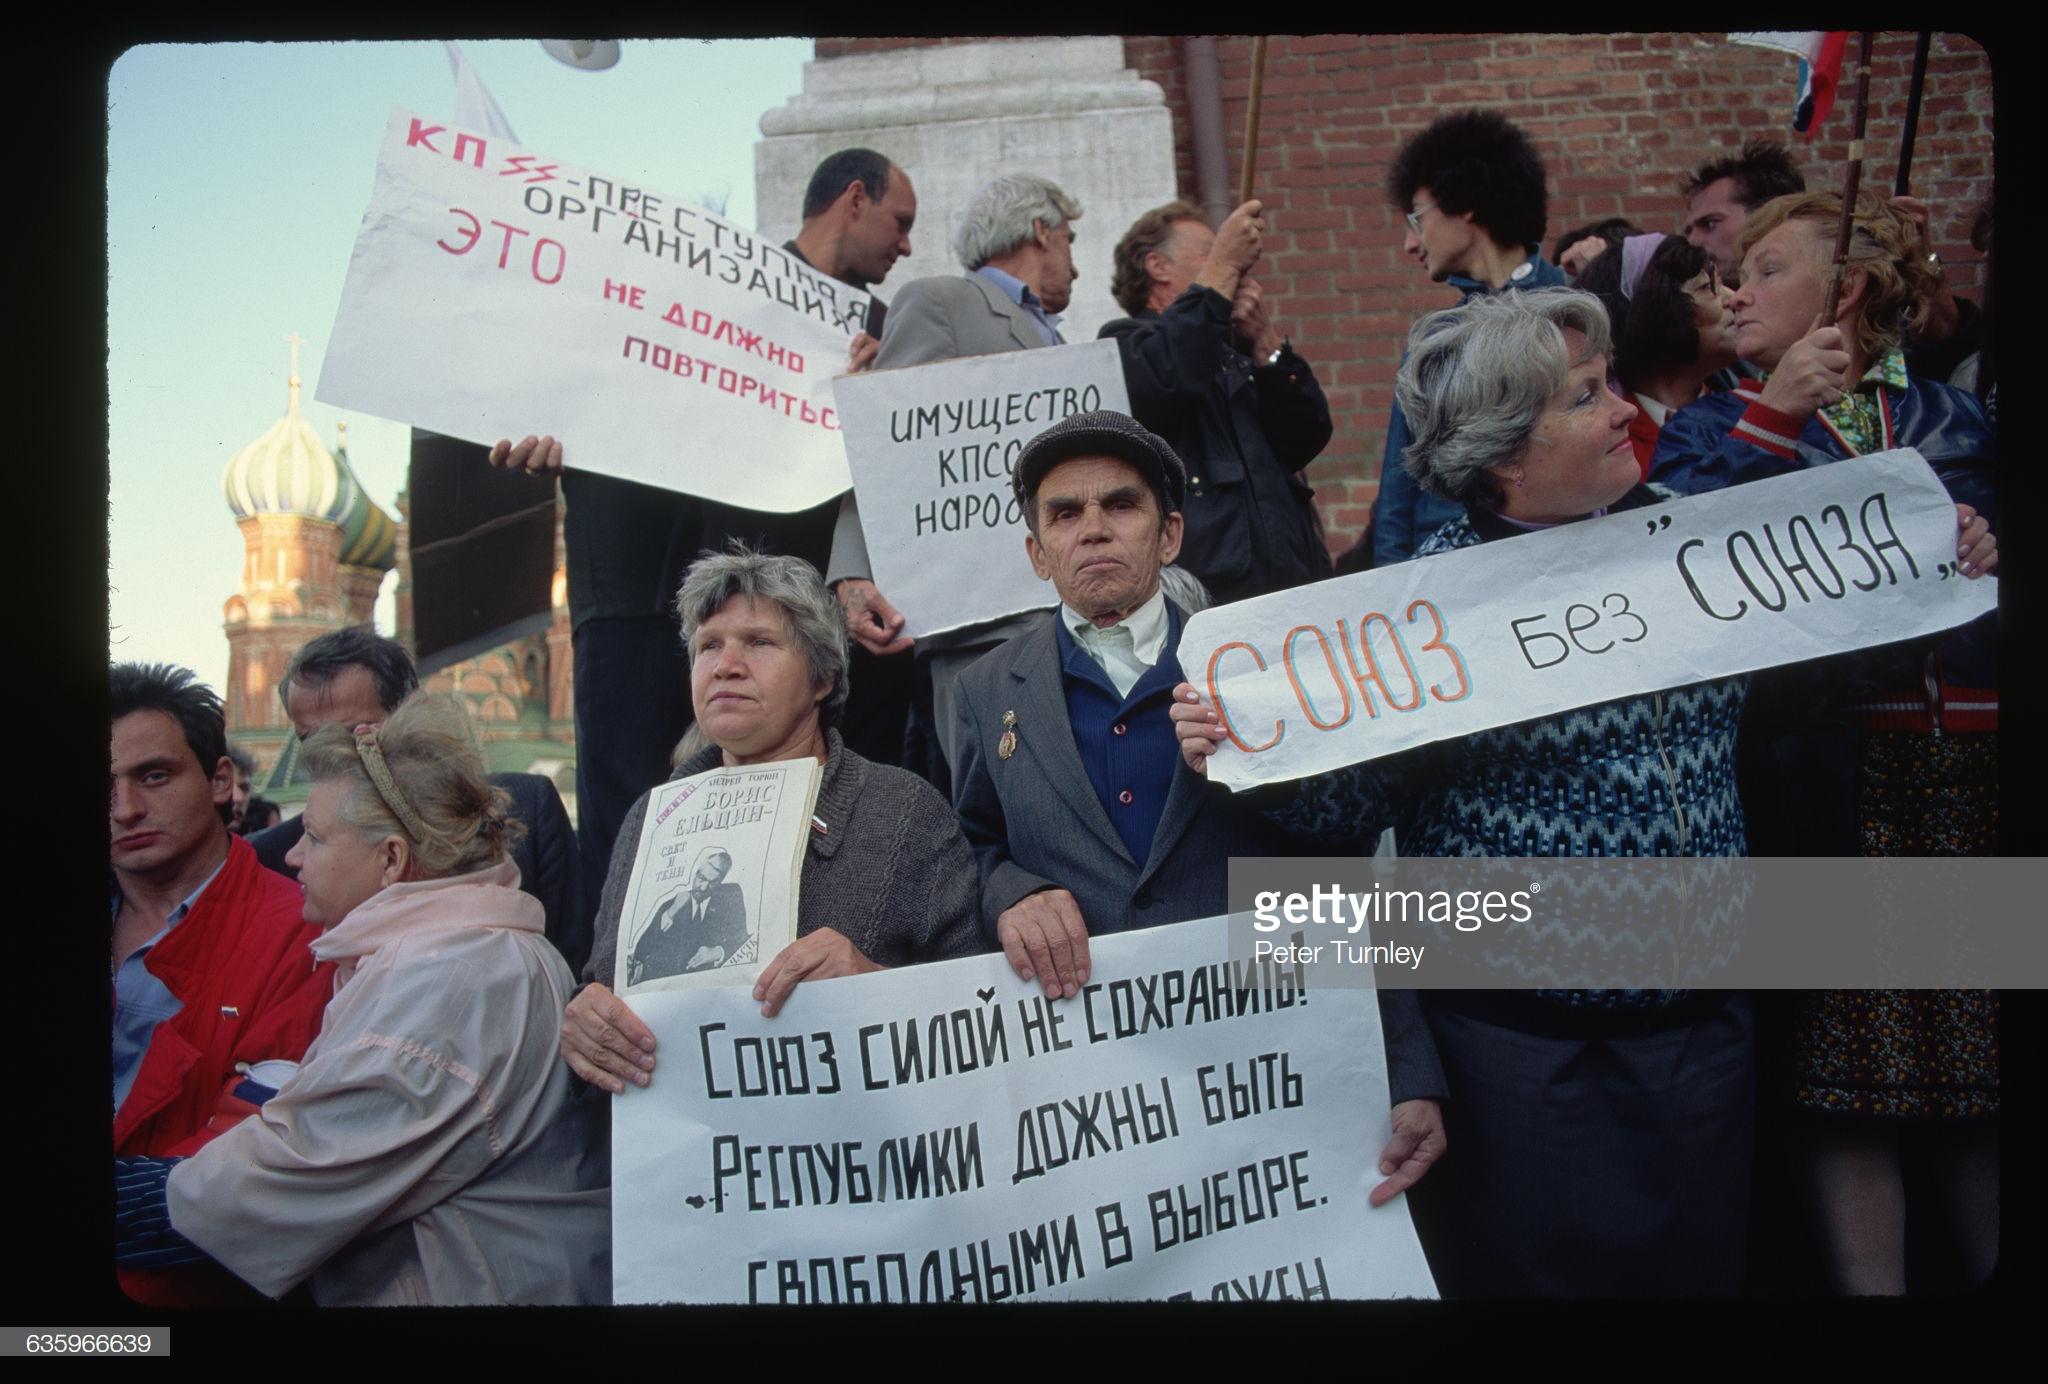 Народ требует развала Советского Союза